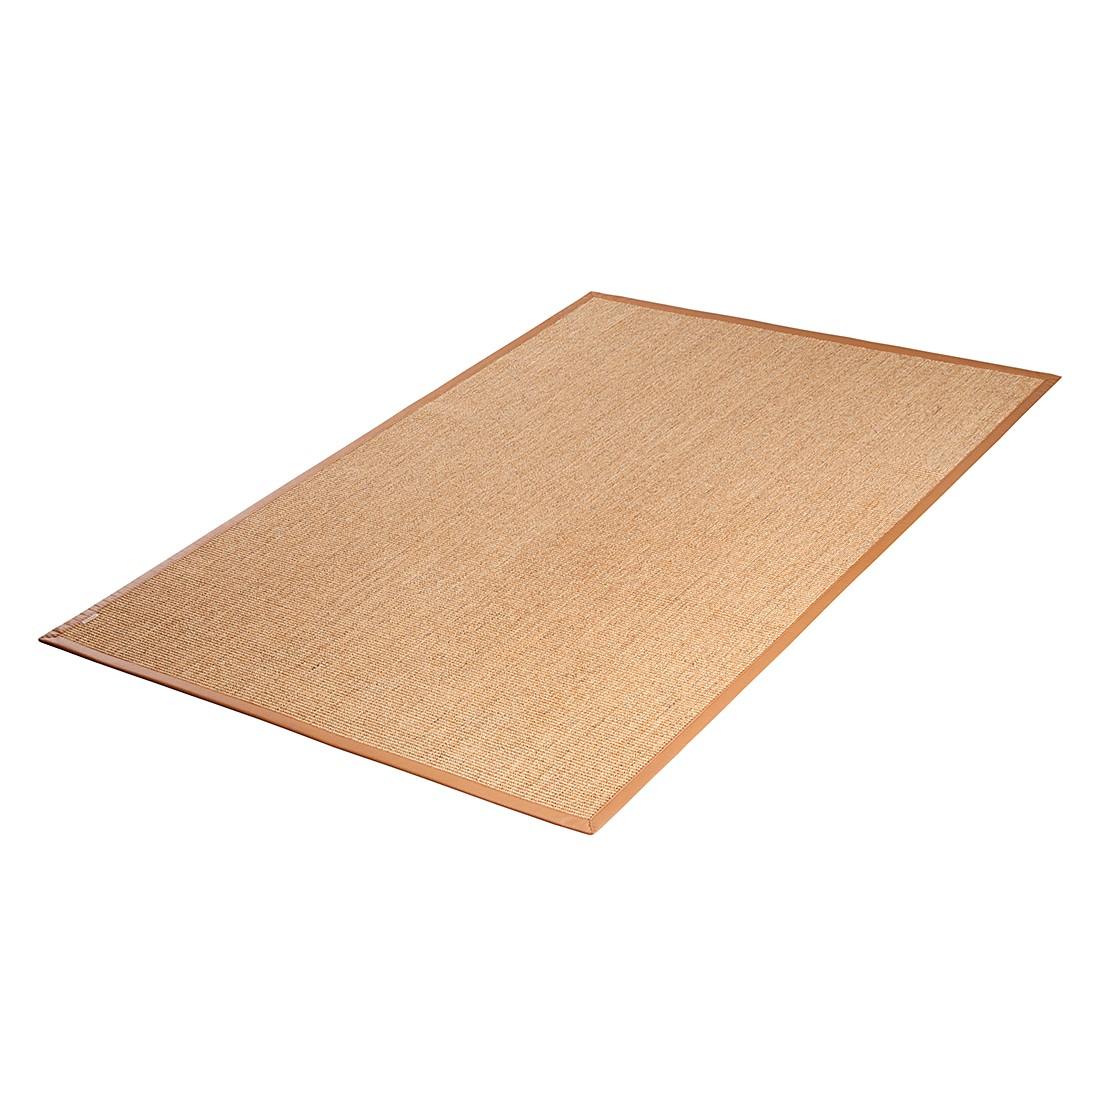 Teppich Mara A2 – Hellbraun – 80 x 160 cm, DEKOWE günstig bestellen